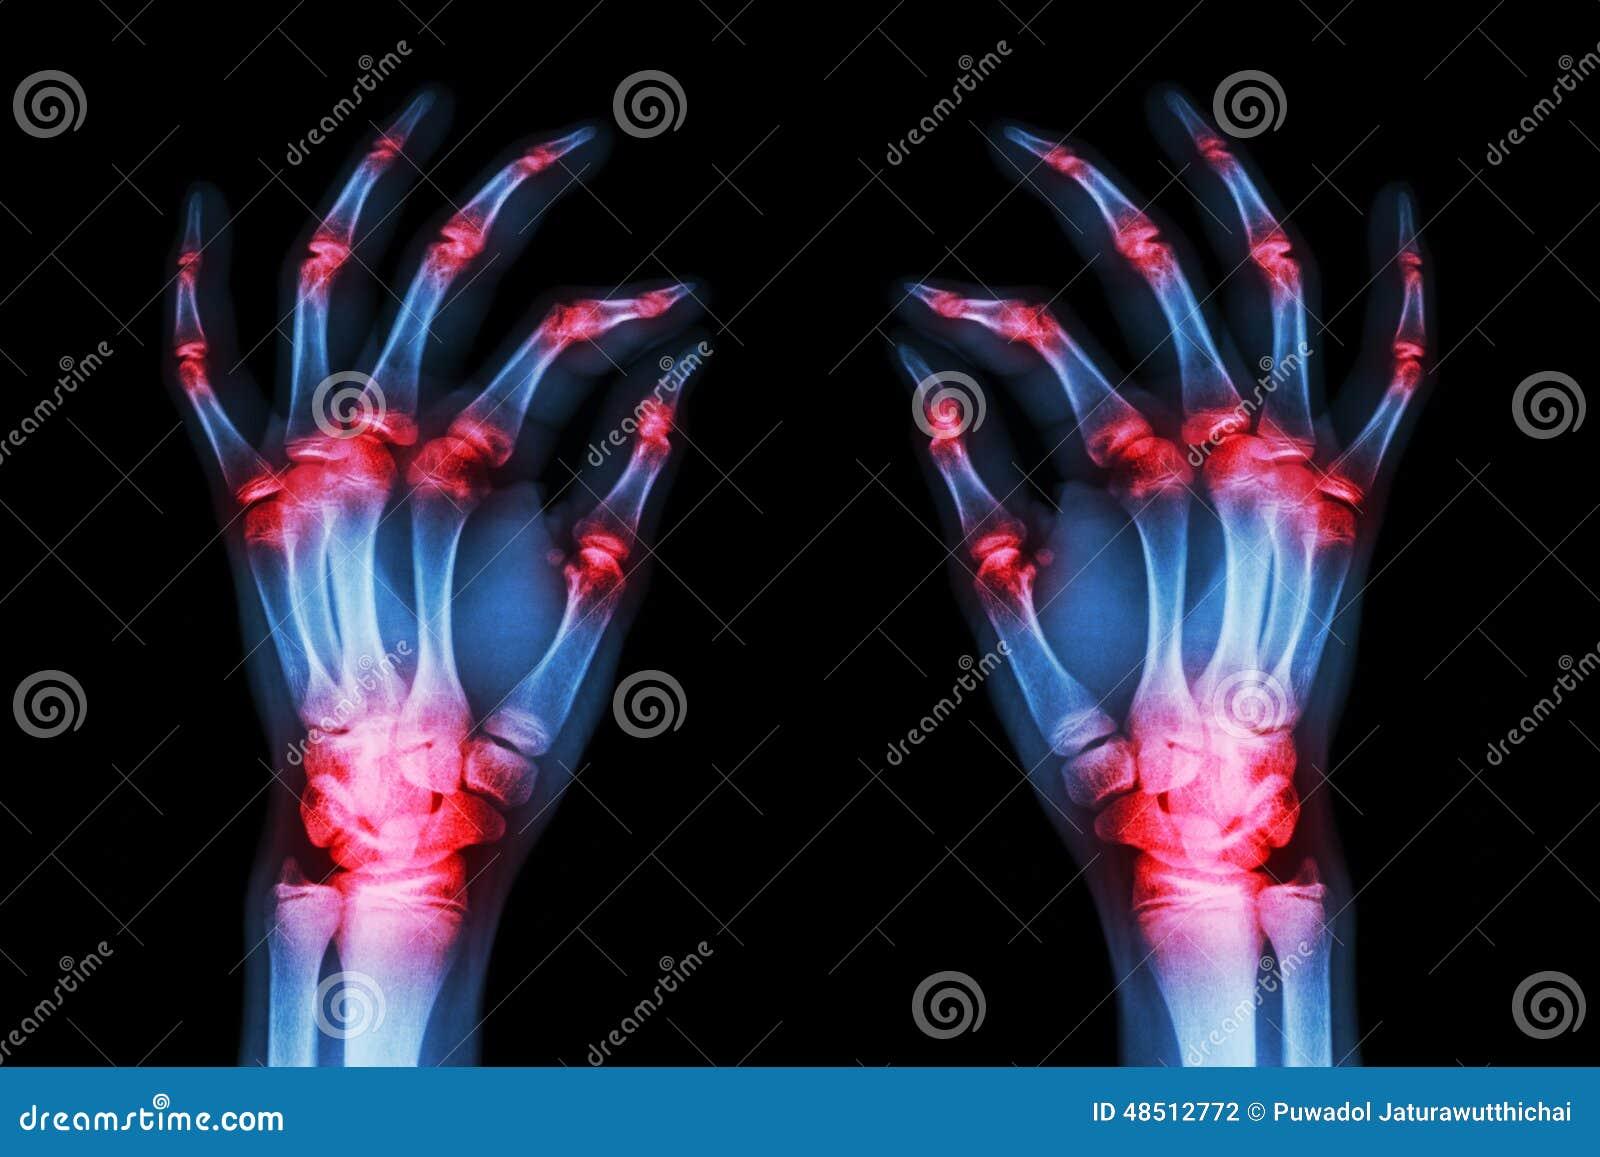 多联合关节炎两只成人手(痛风,类风湿病)在黑背景